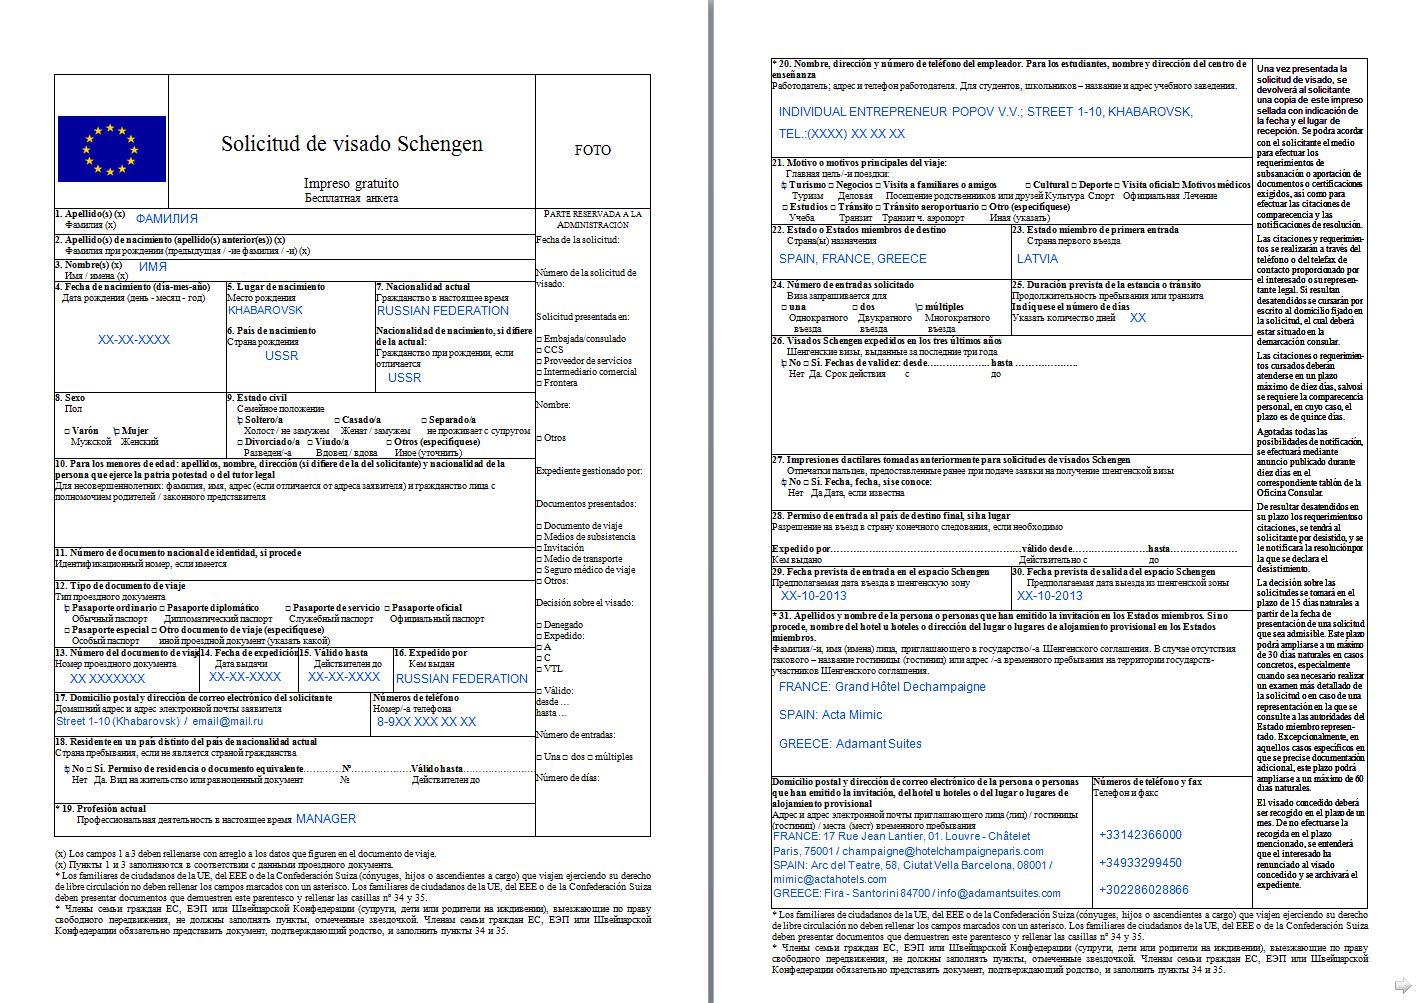 образец заполнения анкеты для хорватской визы